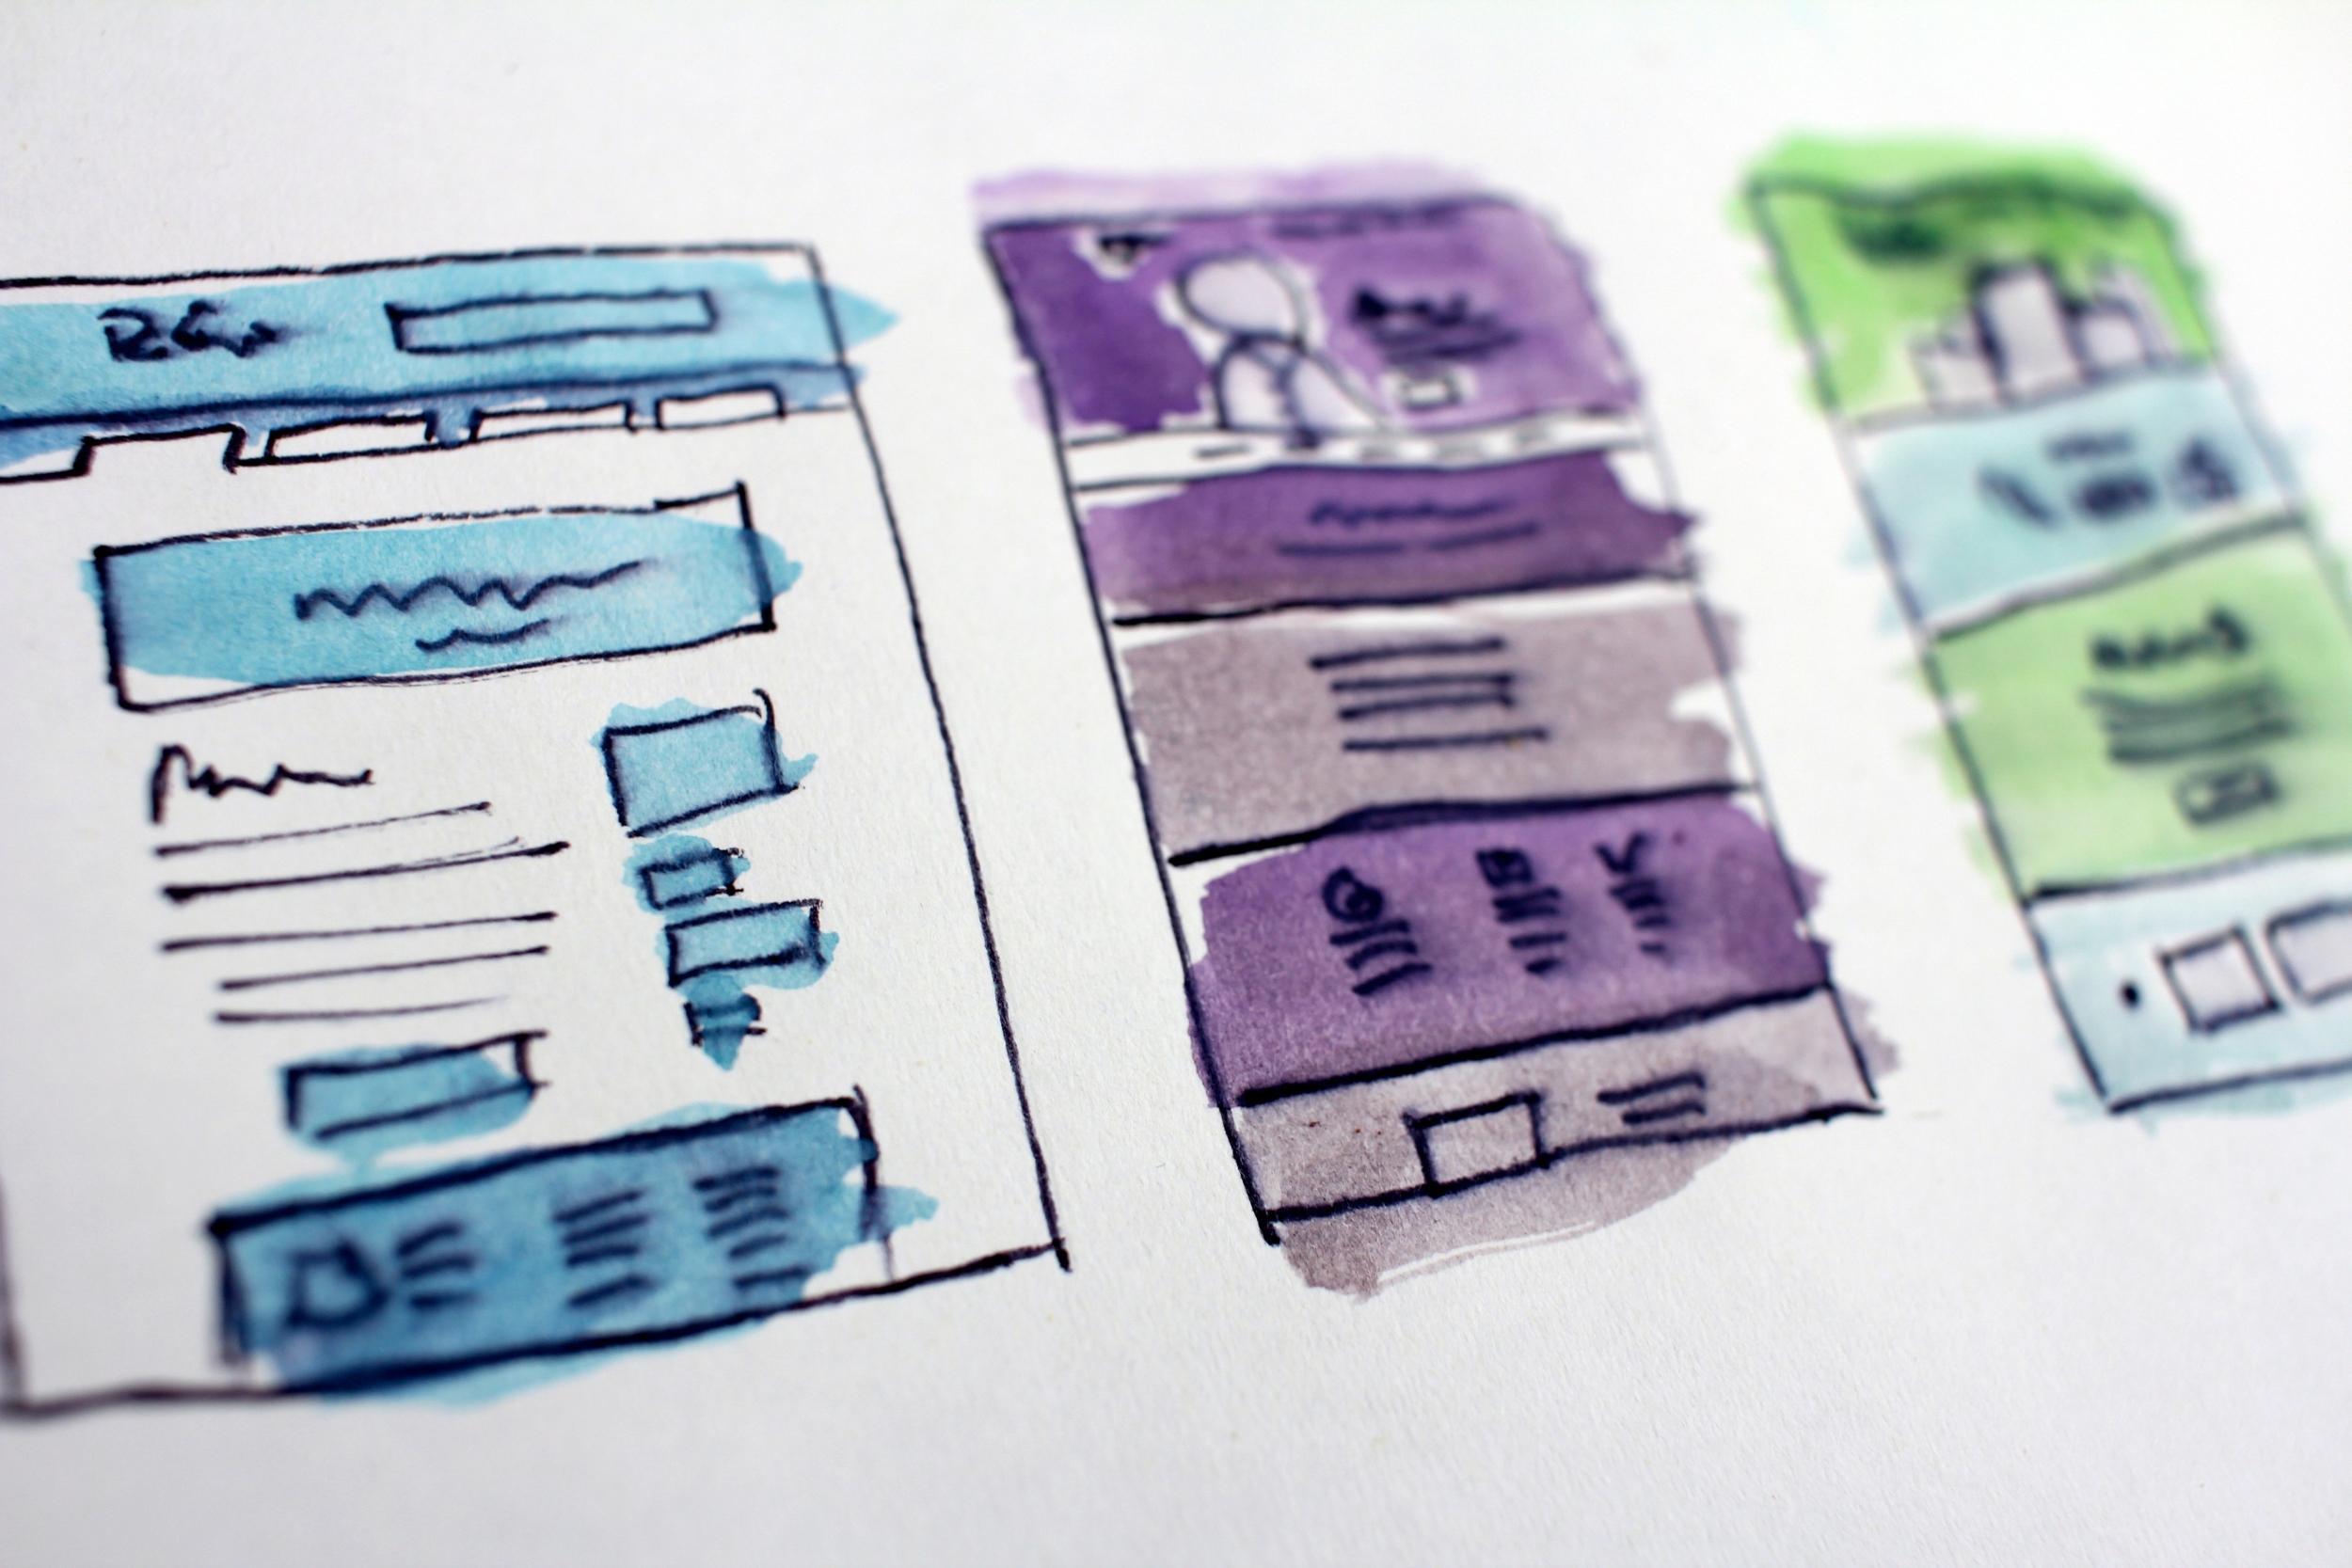 Planung digitaler Projekte - Requirements Engineering - Grobkonzept- Website Wireframes - MVP Prototyping